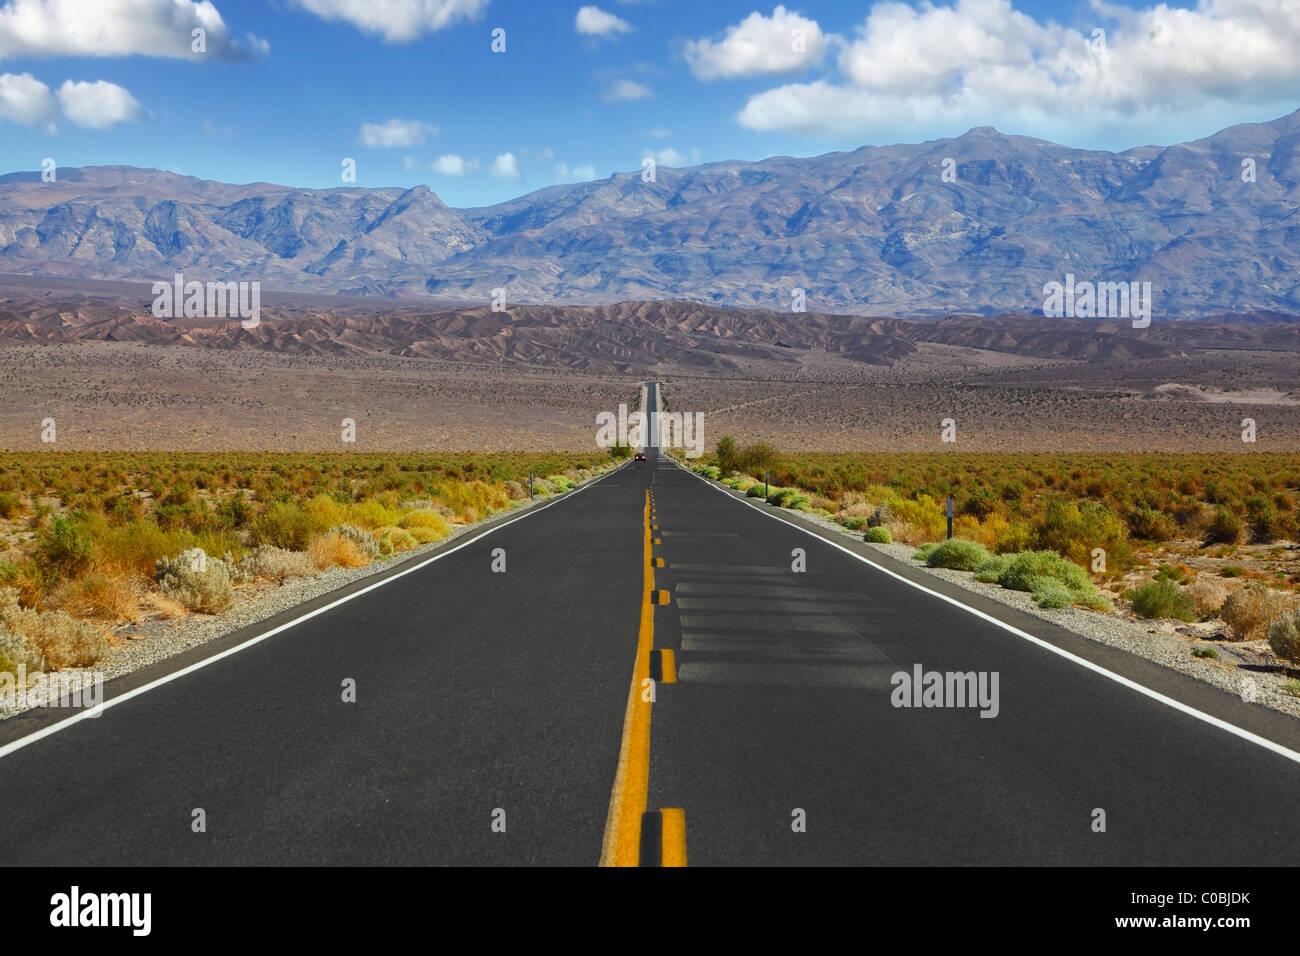 La seule voiture rouge sur la route, traversant la vallée de la mort énorme en Californie. Photo Stock